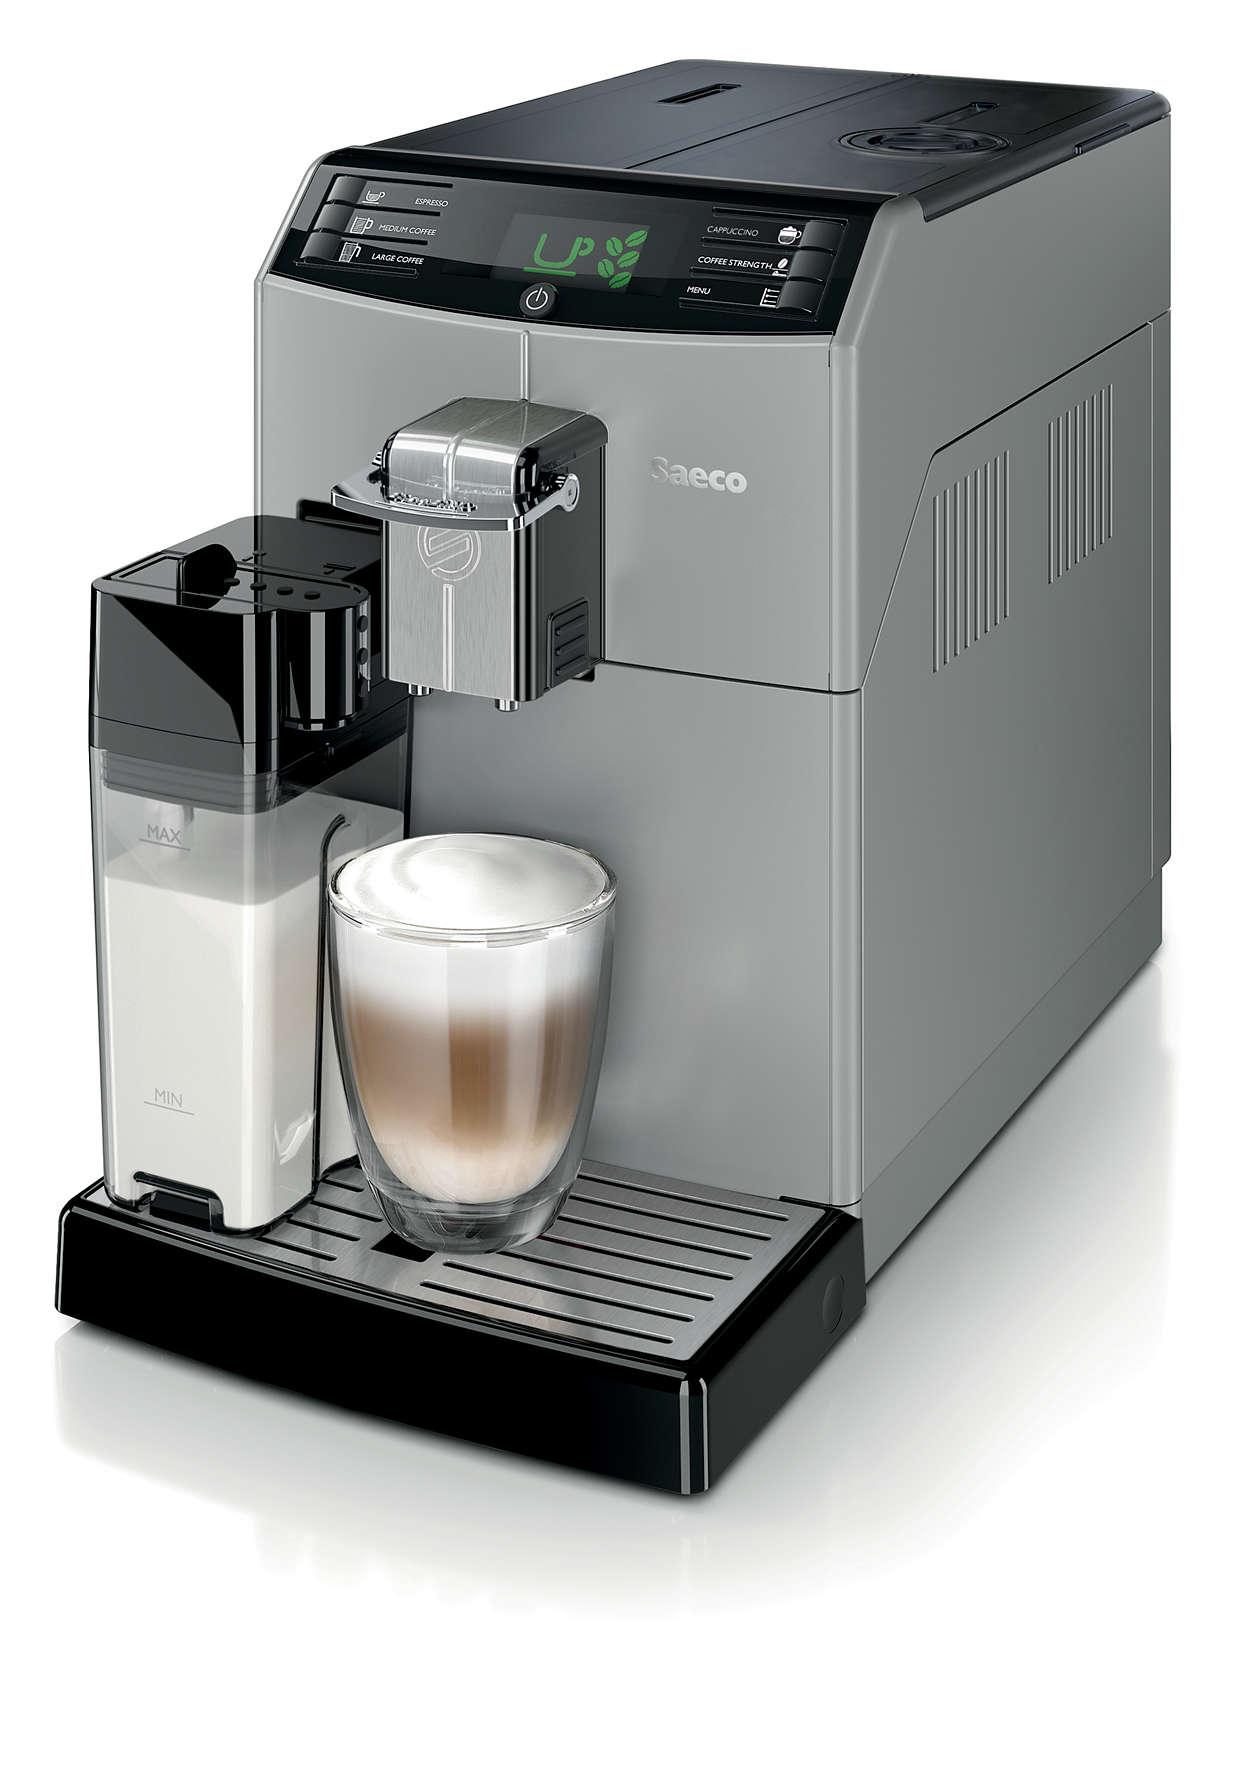 minuto super automatic espresso machine hd8773 47 saeco. Black Bedroom Furniture Sets. Home Design Ideas